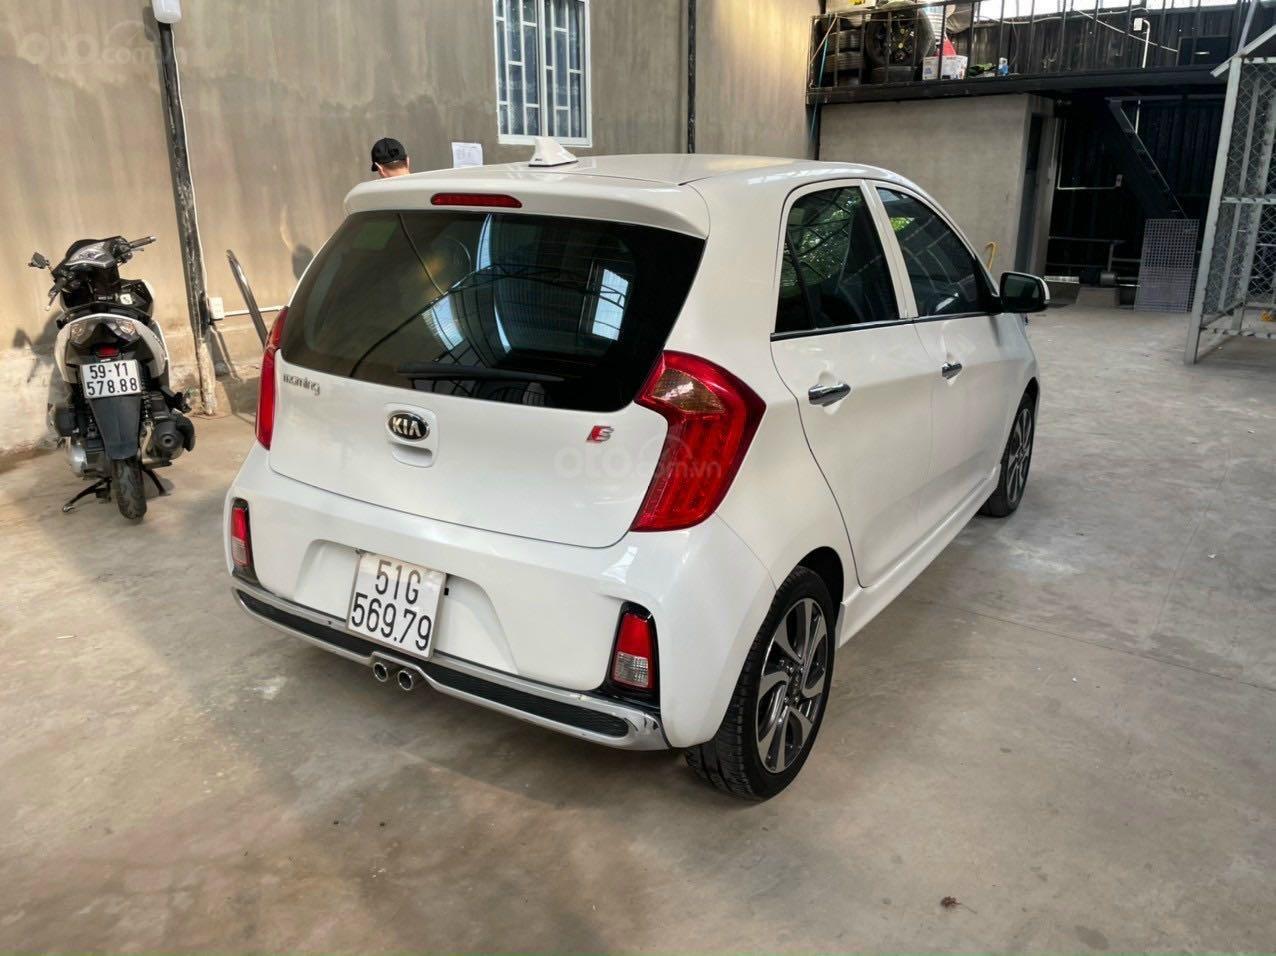 Cần bán lại xe Kia Morning năm 2018, màu trắng nhập khẩu giá tốt 369 triệu đồng (4)